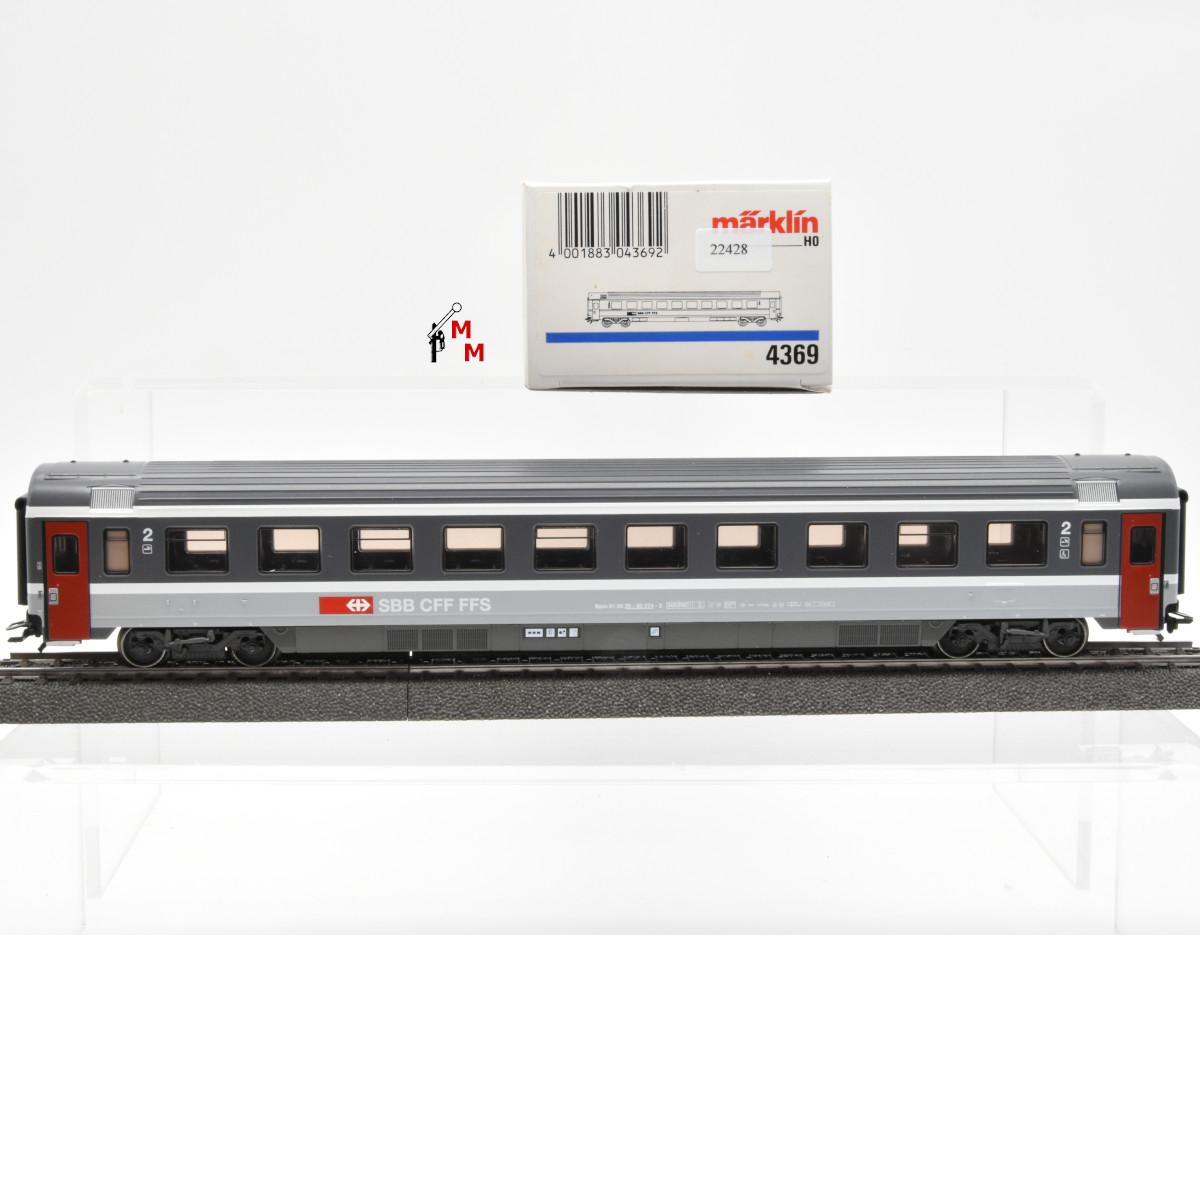 Märklin 4369.1 EuroCity-Wagen 2.Kl., SBB, (22428)